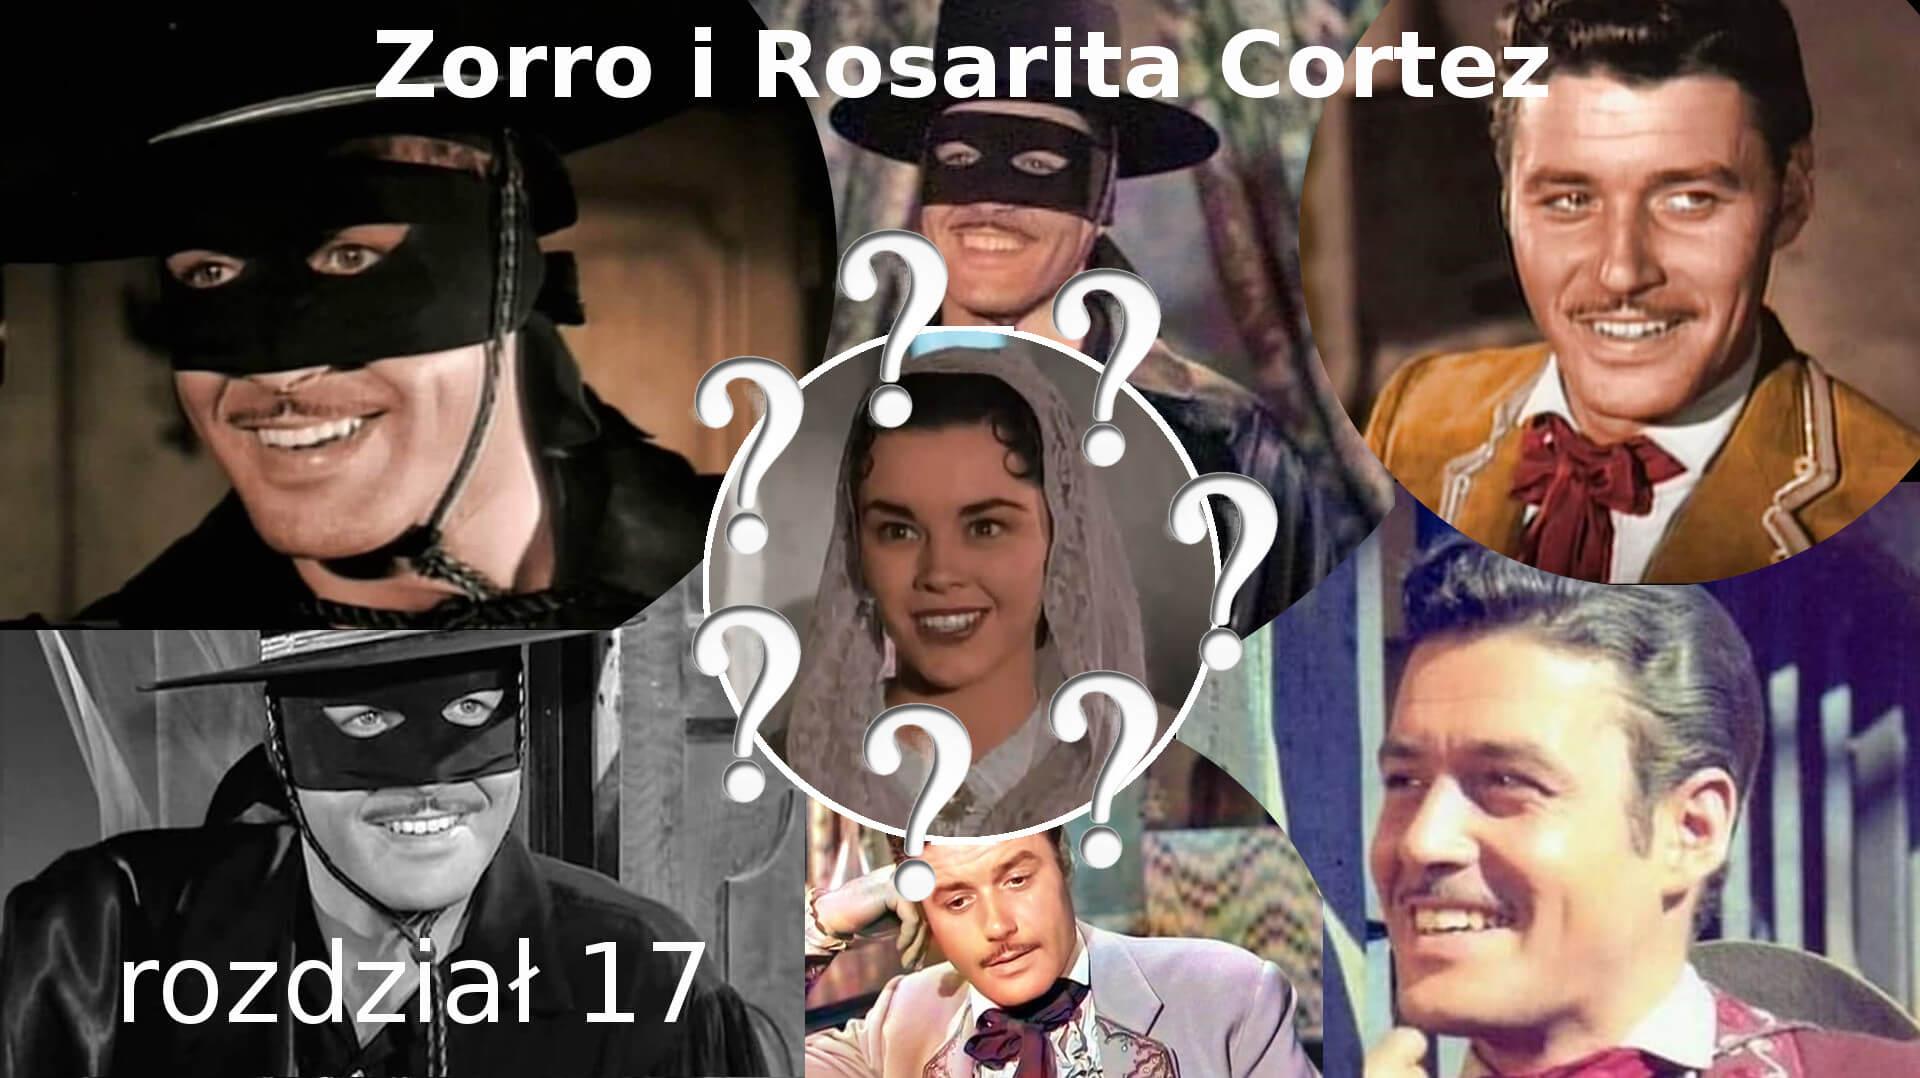 Zorro i Rosarita Cortez rozdział 17 Zorro fanfiction